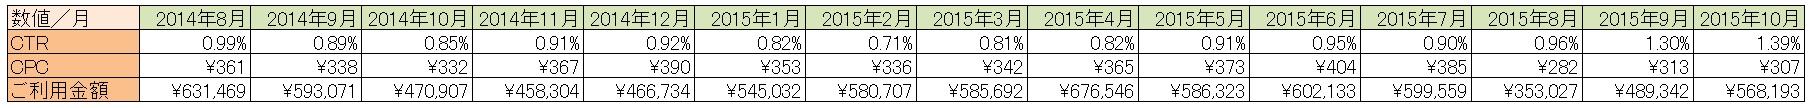 20151120_デバイス・月別データ_表